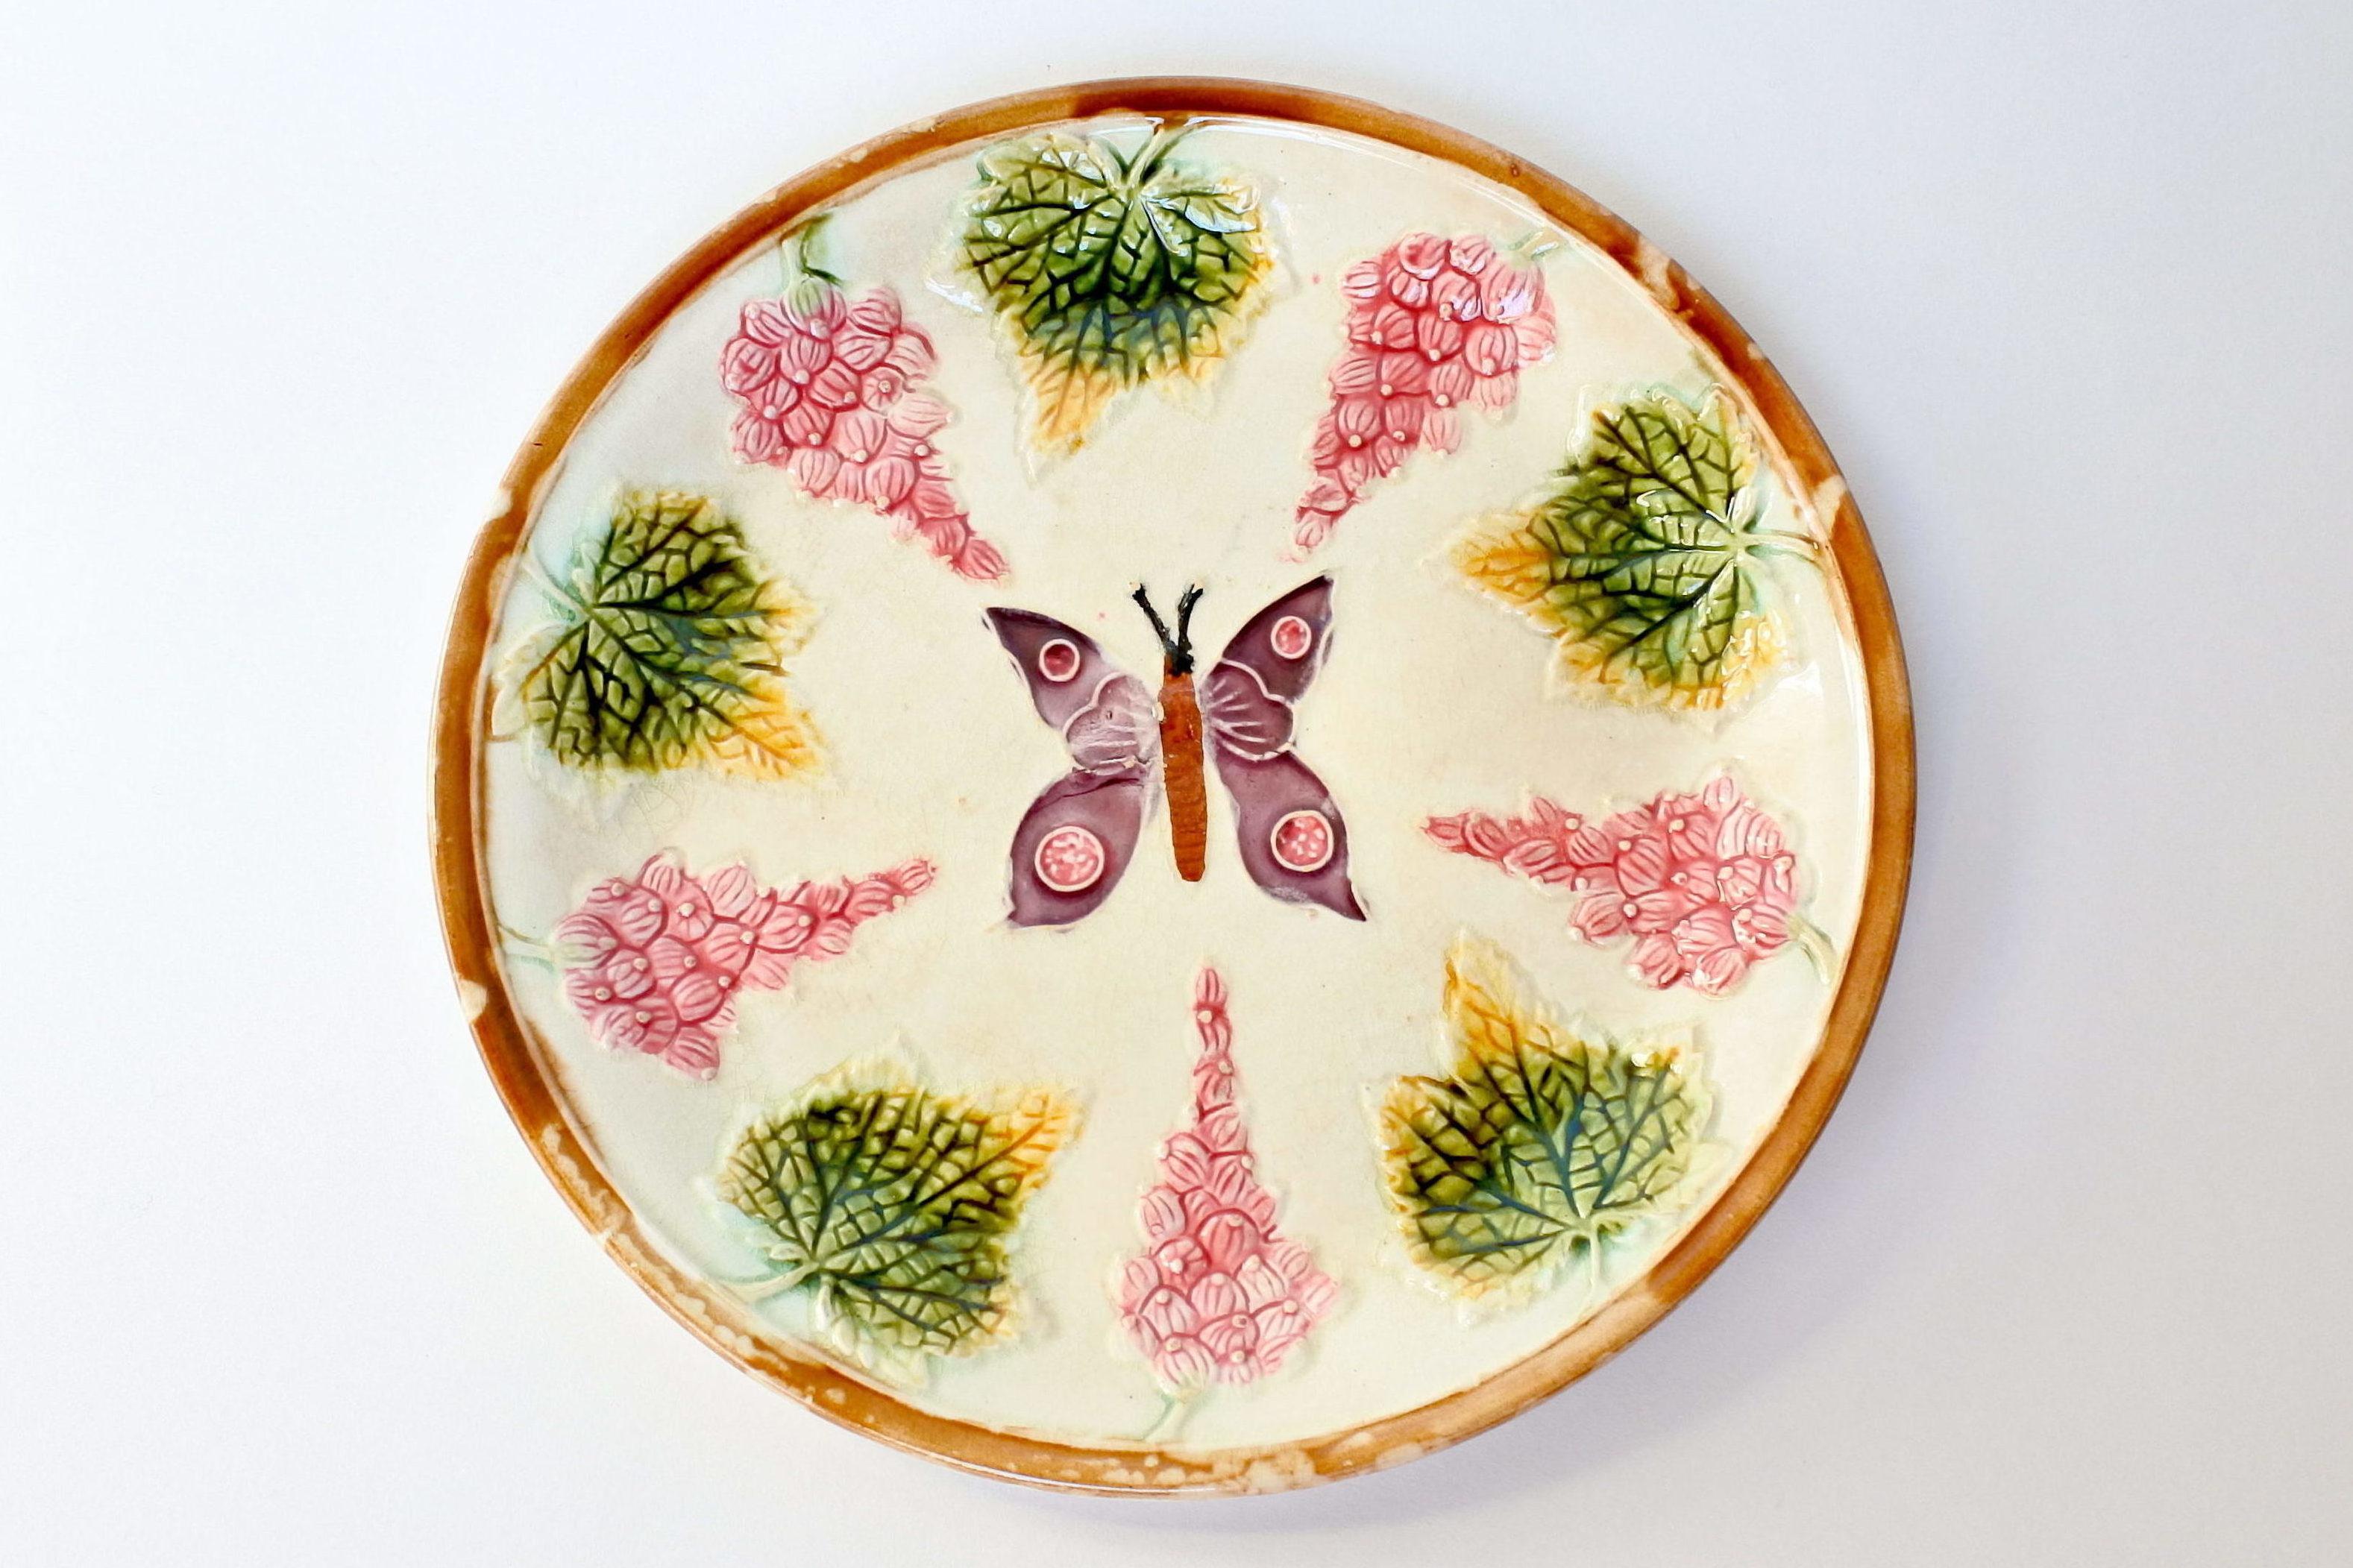 Piatto in ceramica barbotine con uva spina e farfalla